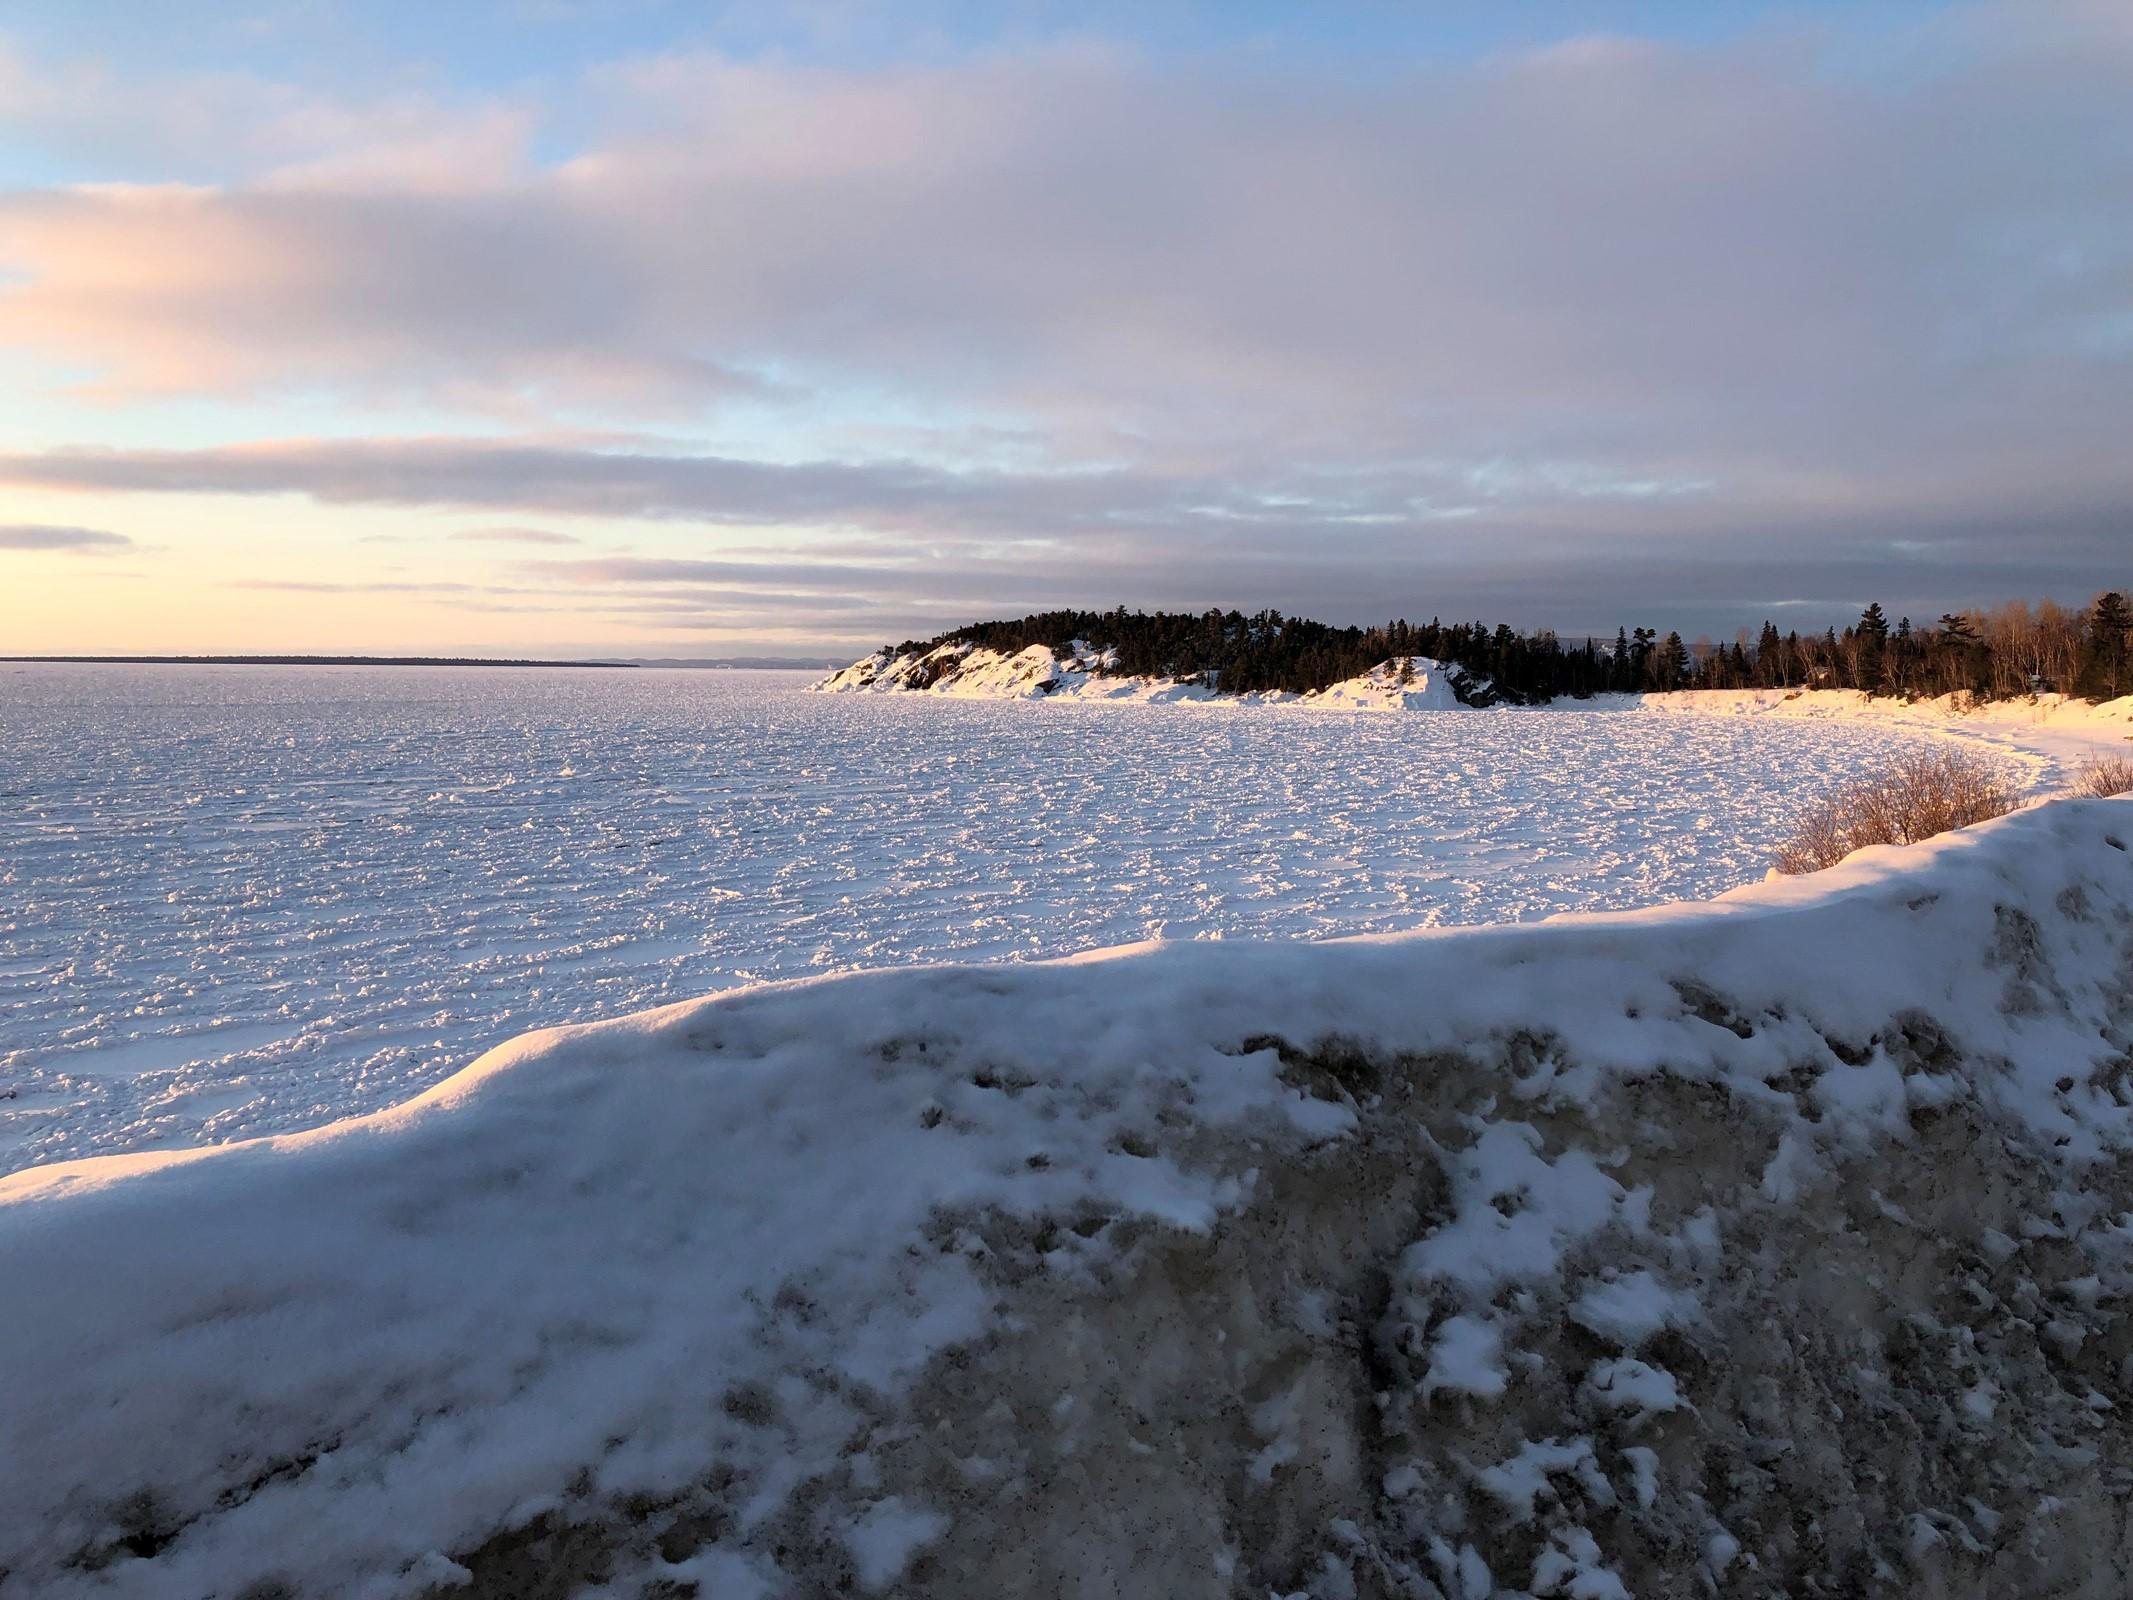 5000 Kilometres Through the Snow